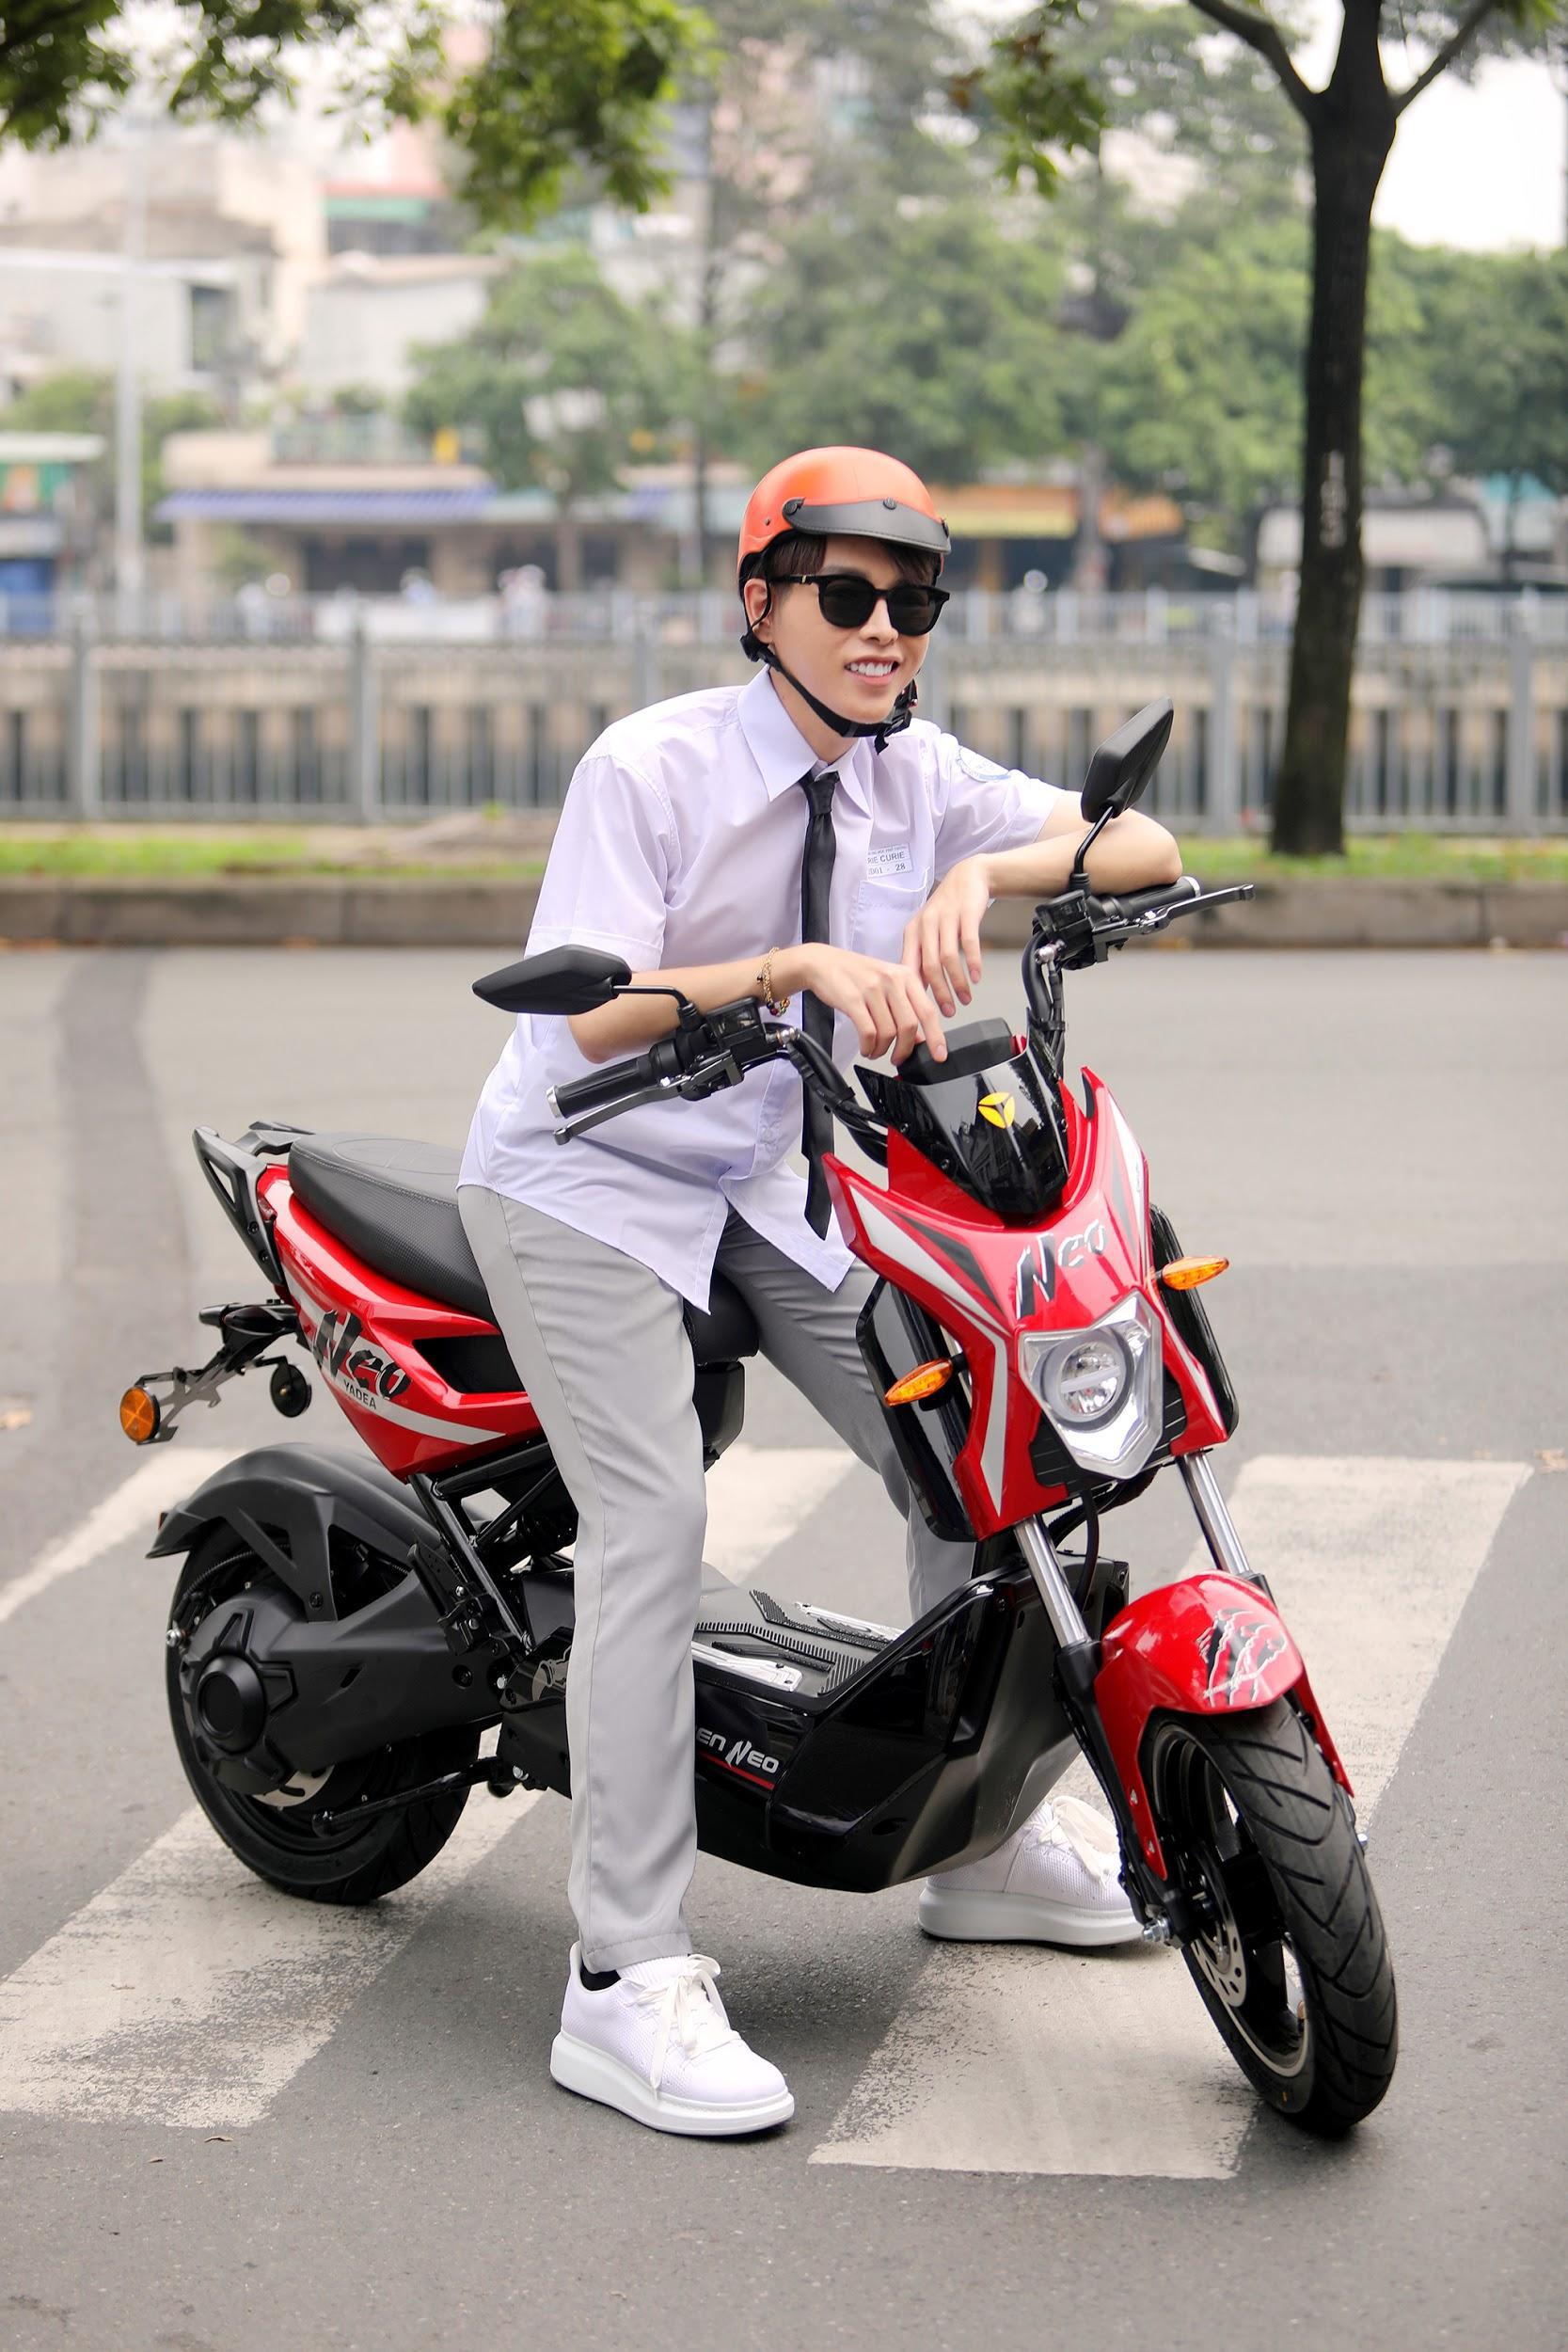 Top 3 mẫu xe máy điện được học sinh ưa chuộng cho năm học mới - Ảnh 3.